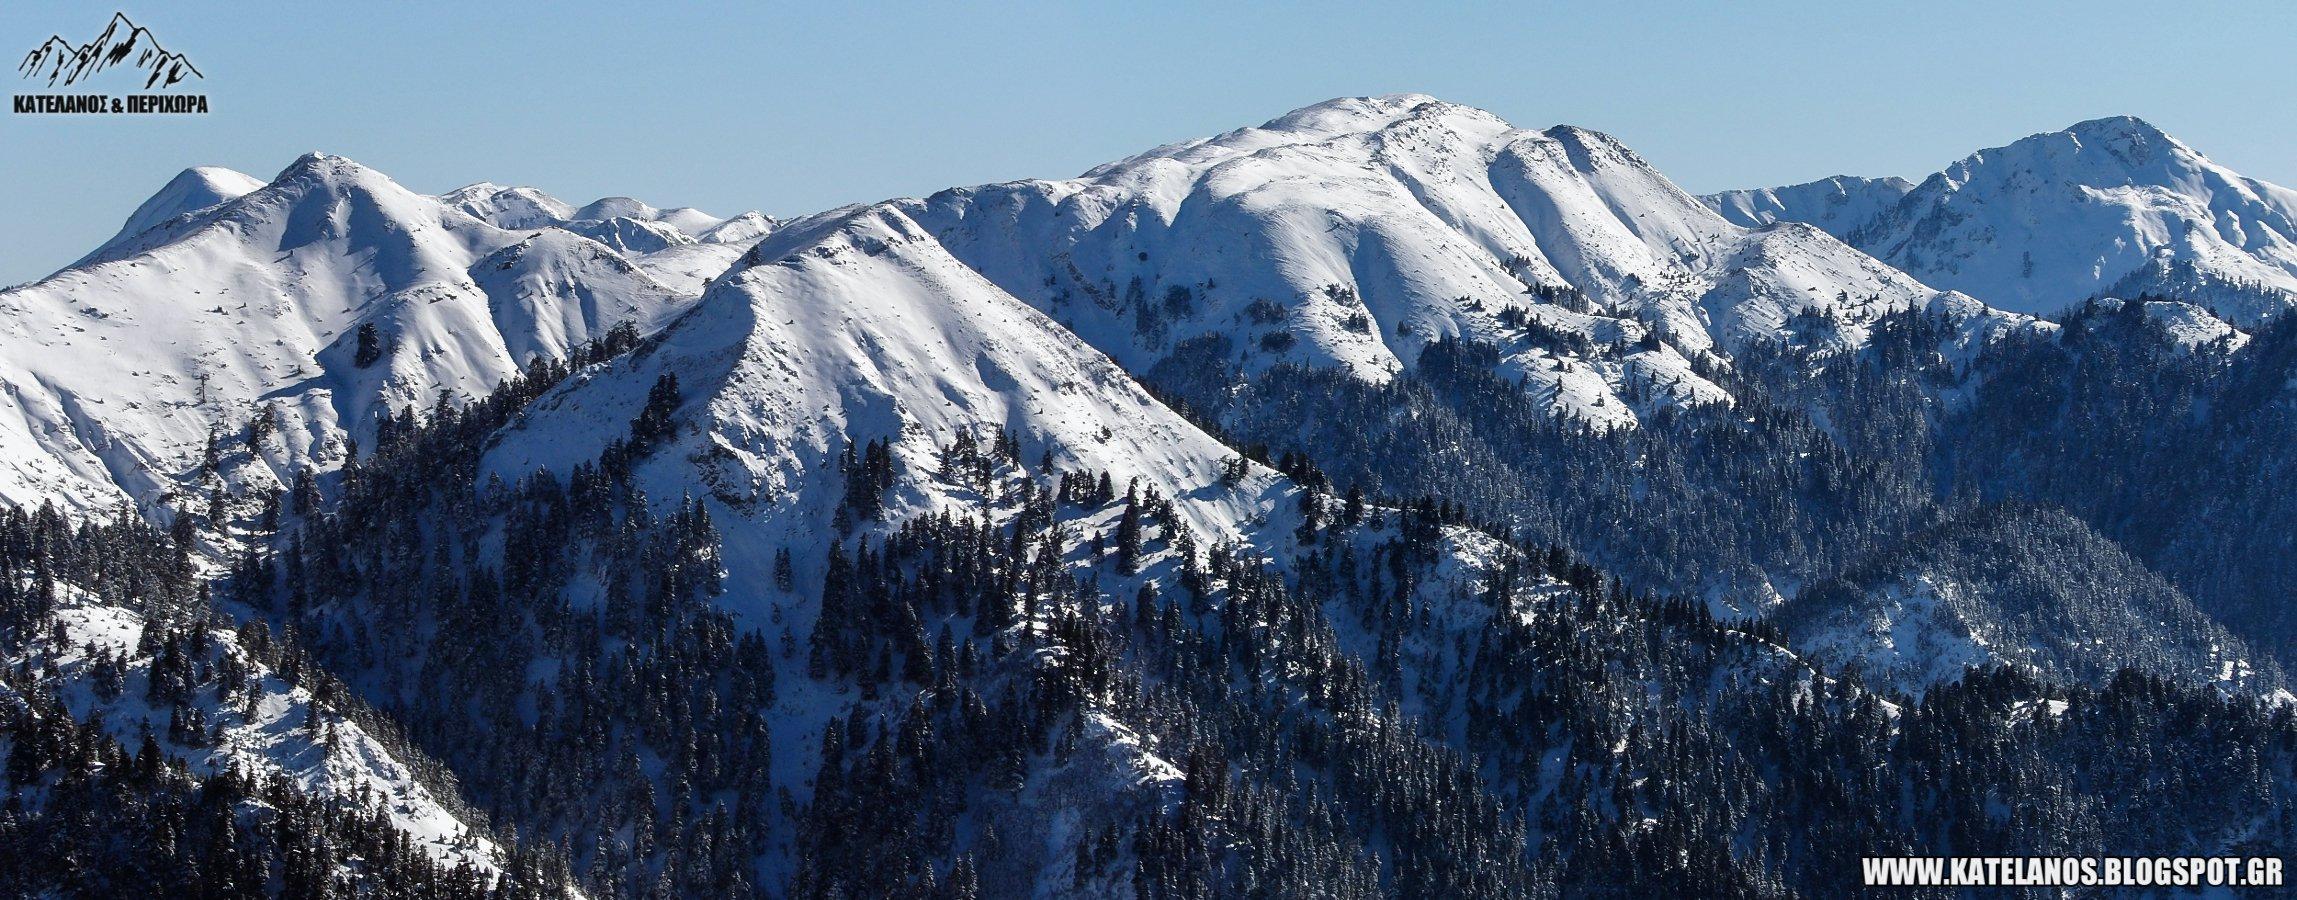 κεδρος καταβοθρα παναιτωλικο ορος χιονια οροσειρα αιτωλοακαρνανιας